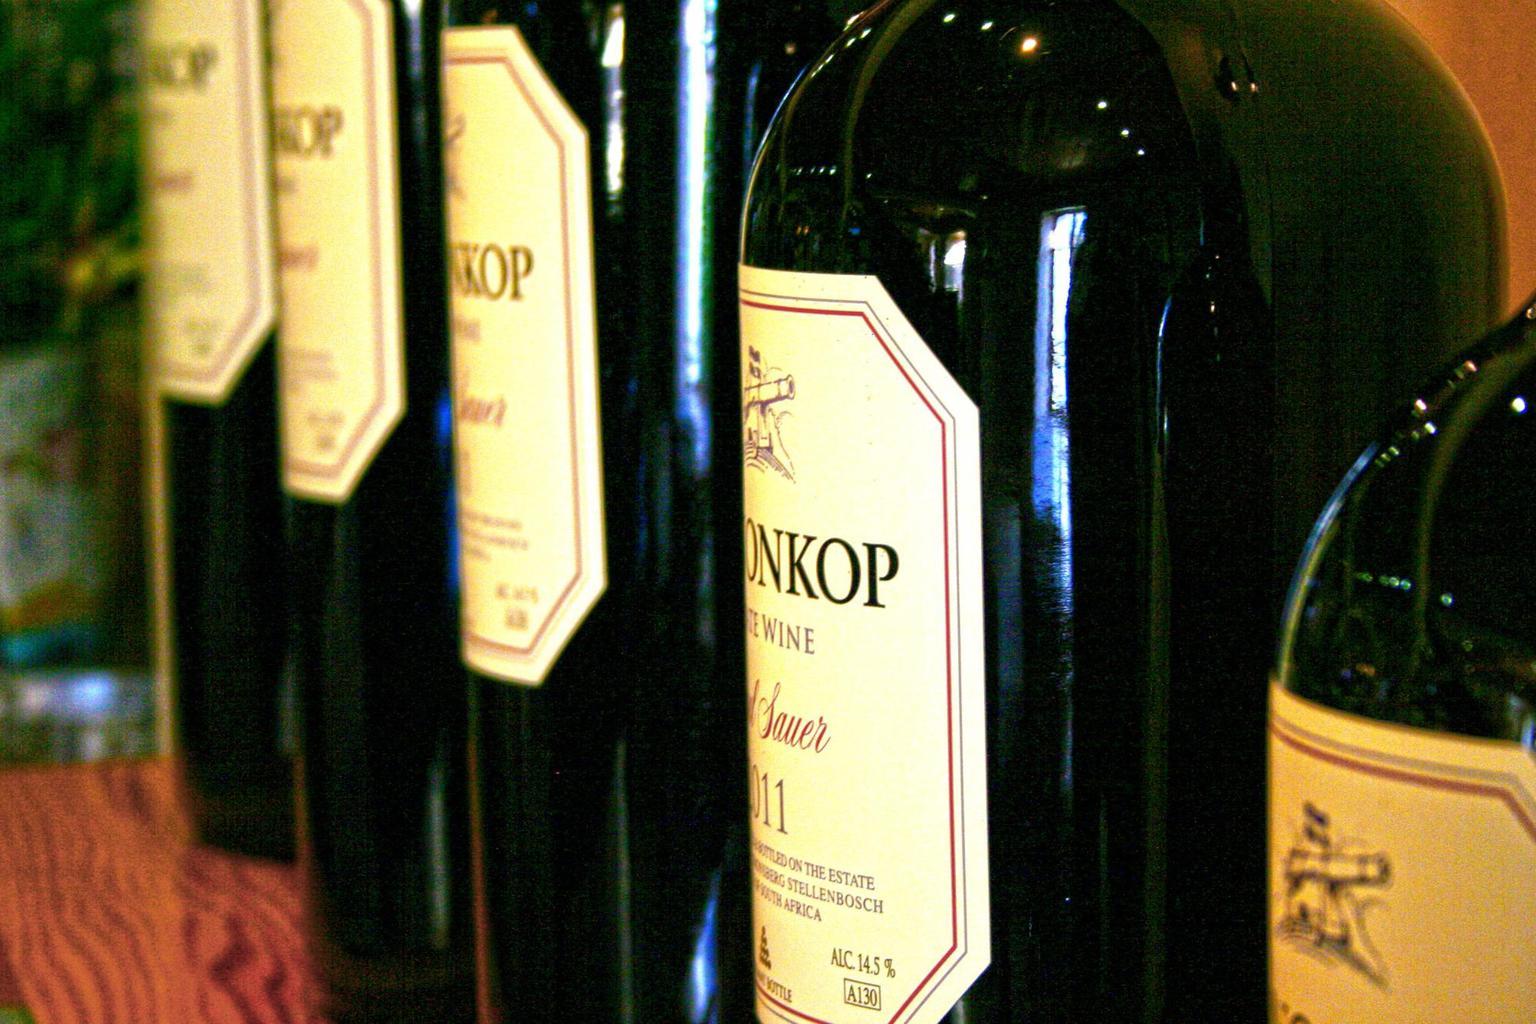 Kanonkop wines